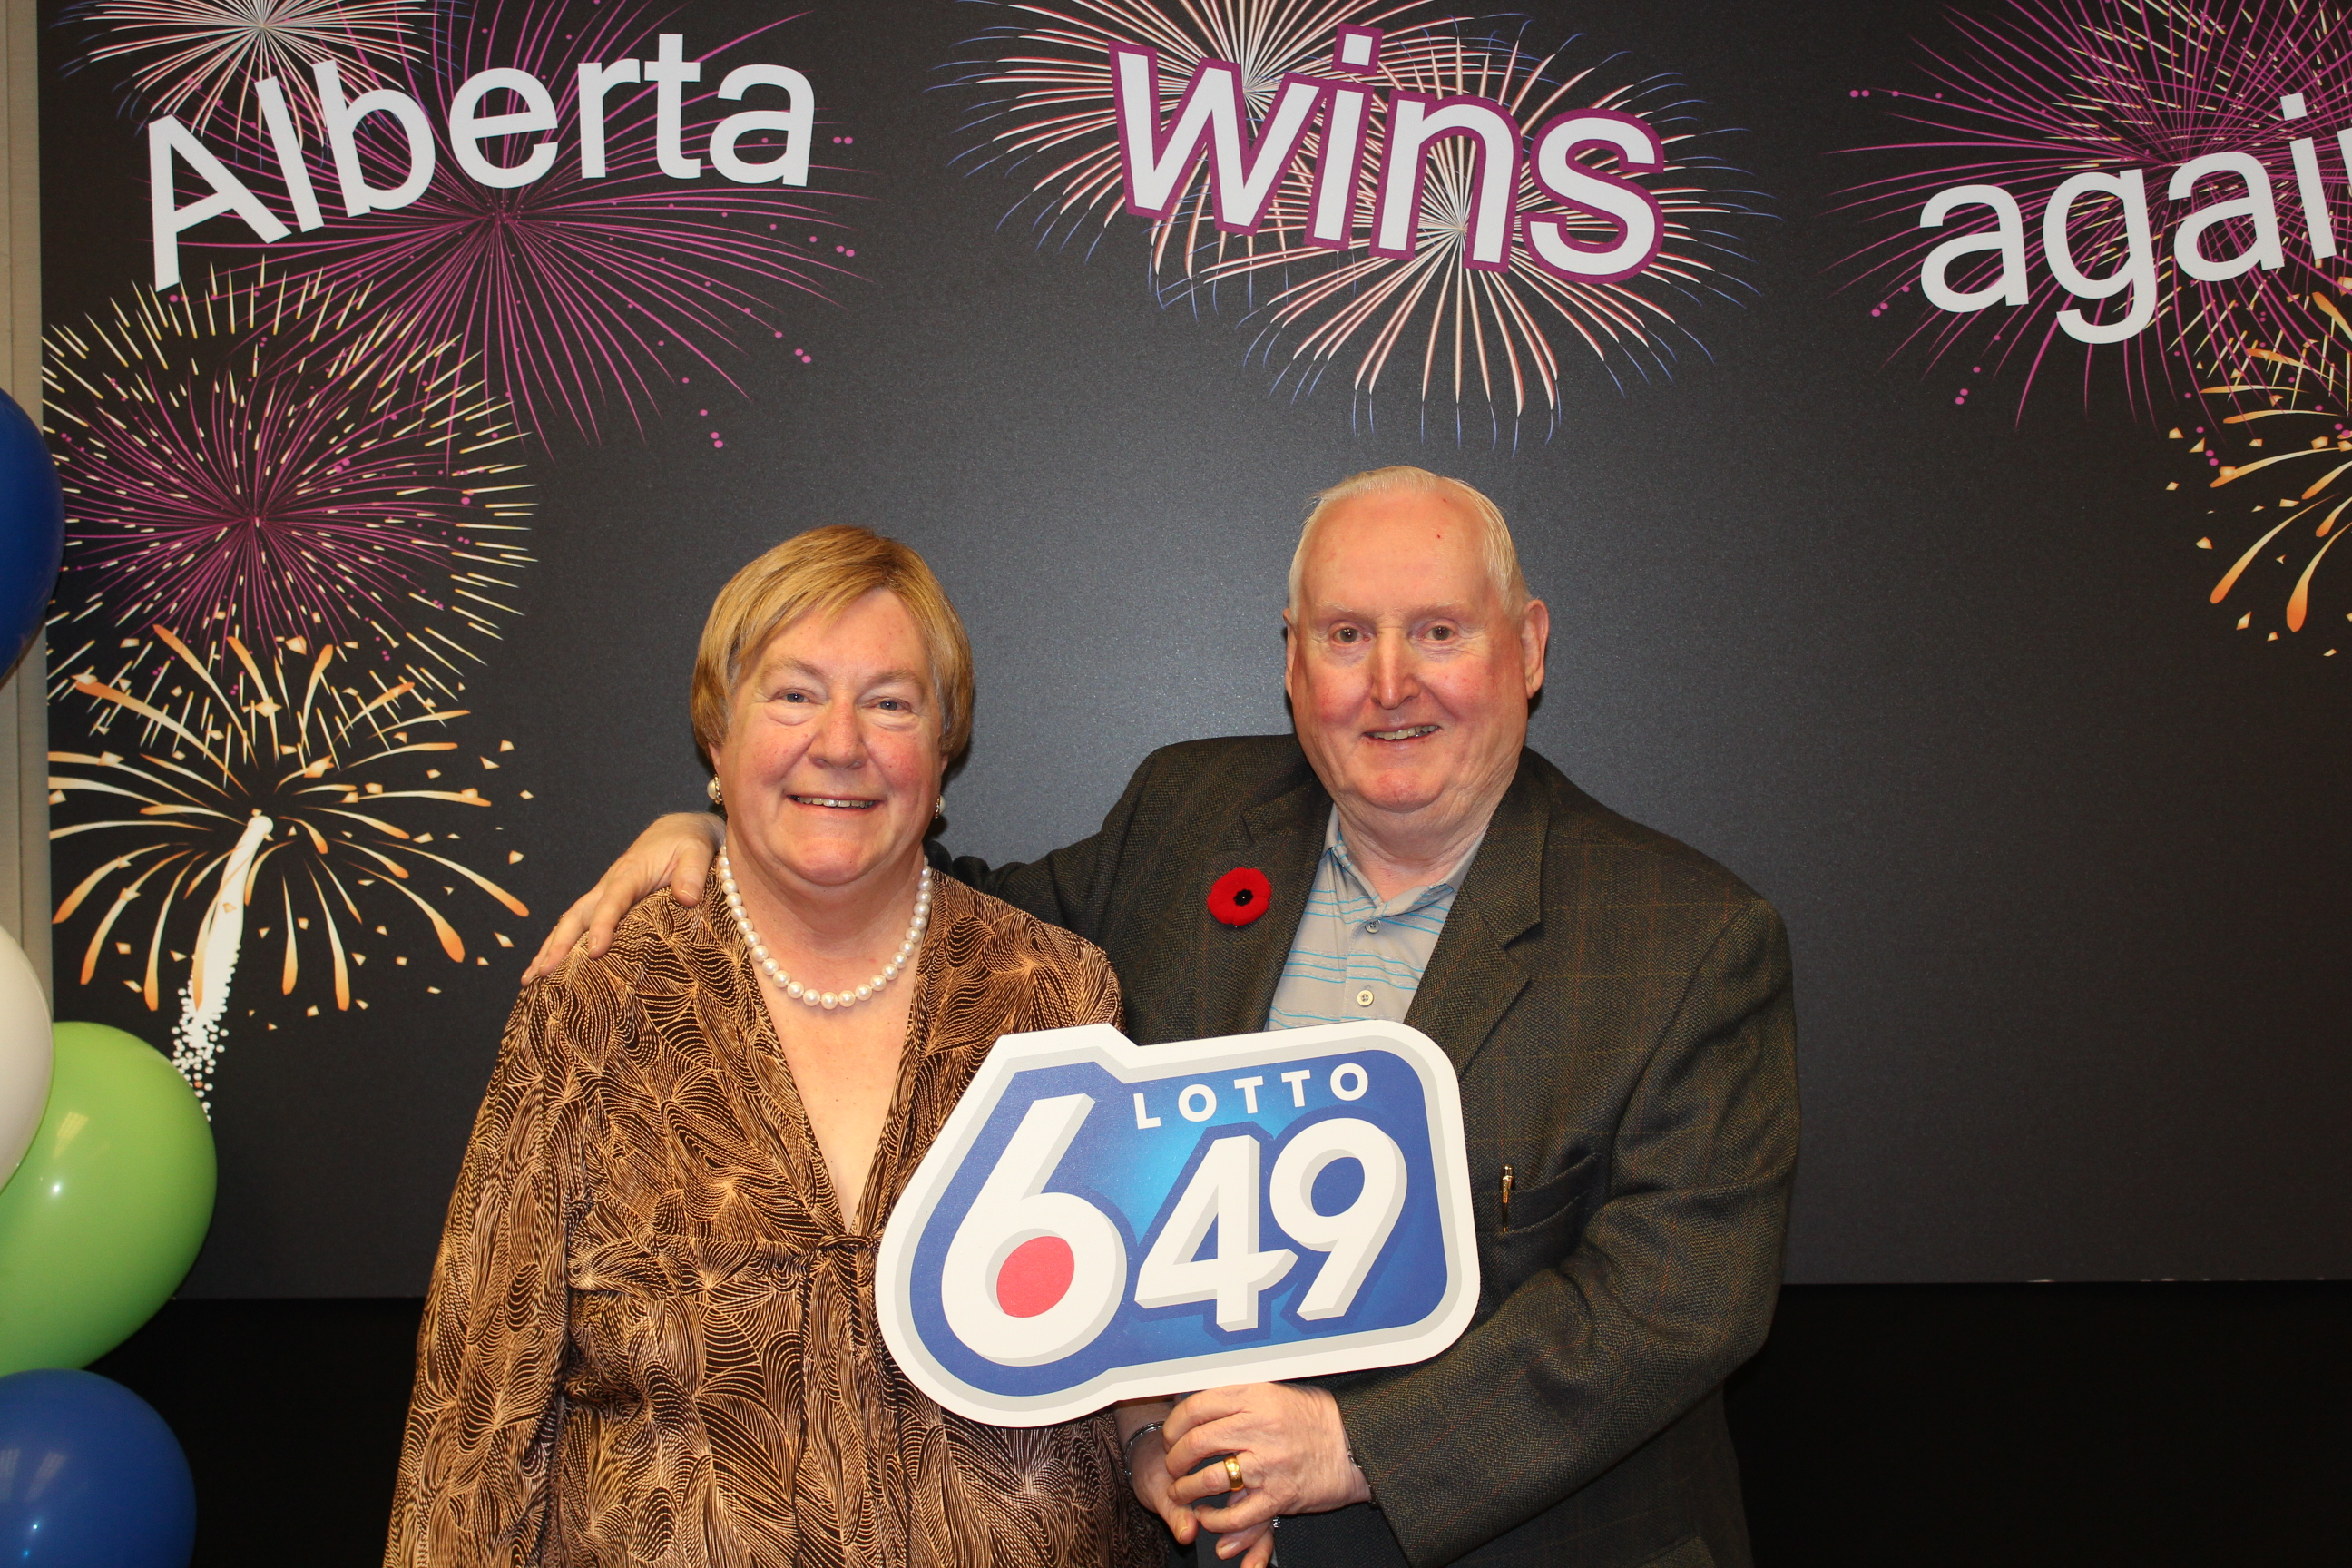 Lotto Alberta